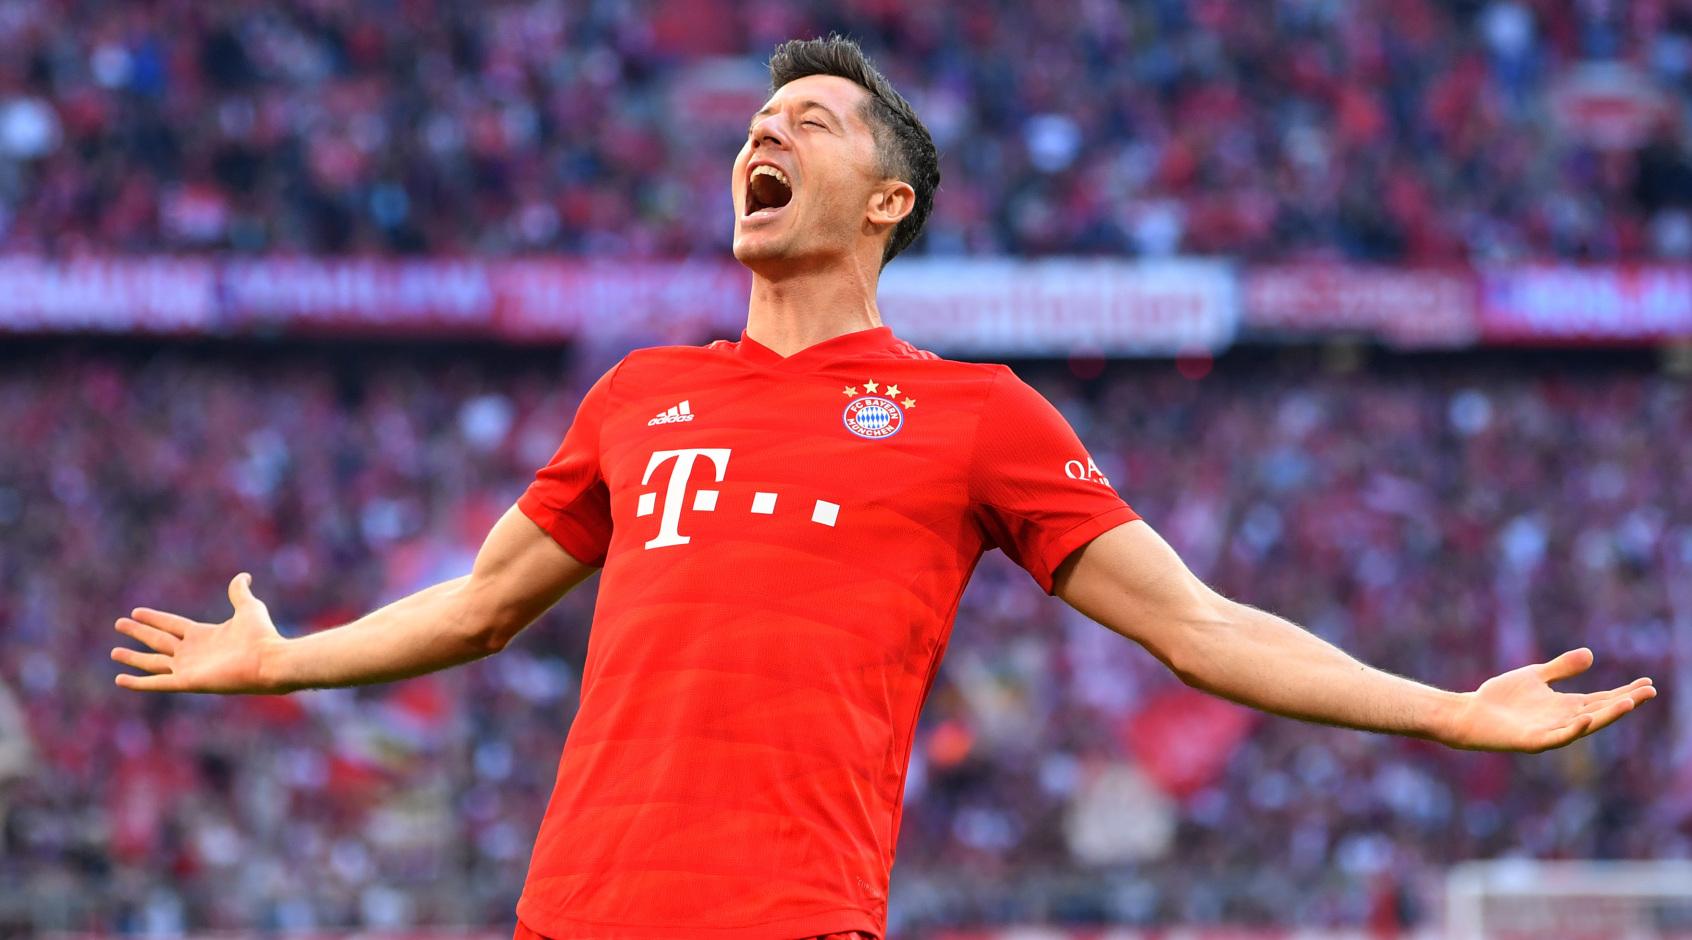 Роберт Левандовски признан лучшим игроком 5-го тура Лиги чемпионов